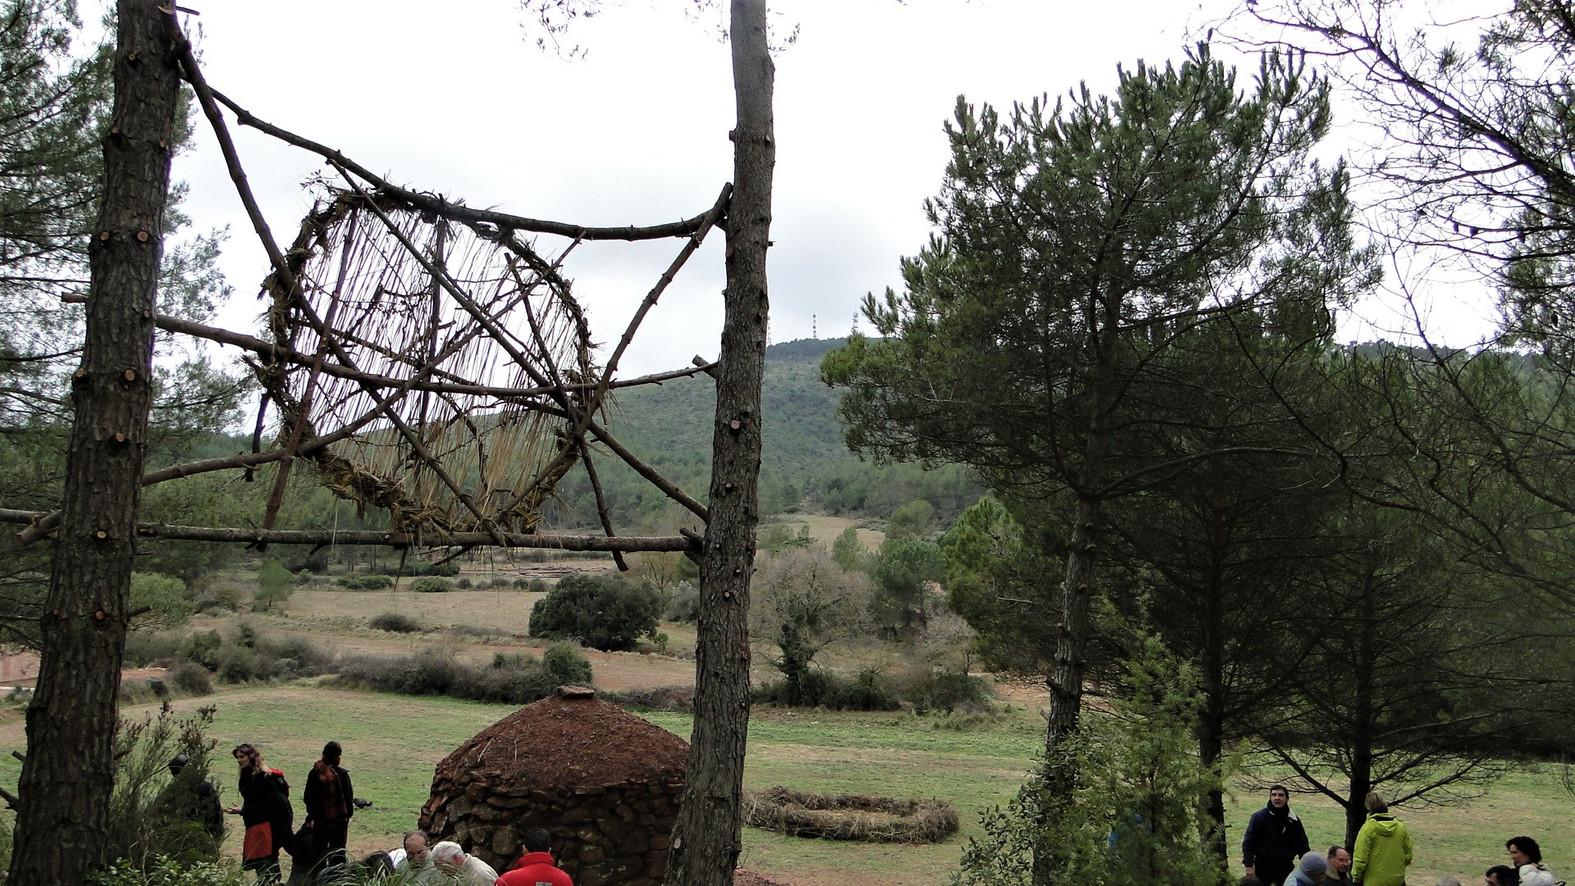 Espai artialitzat Pixafanals: Patiment, barraca del Pixafanals, Corral